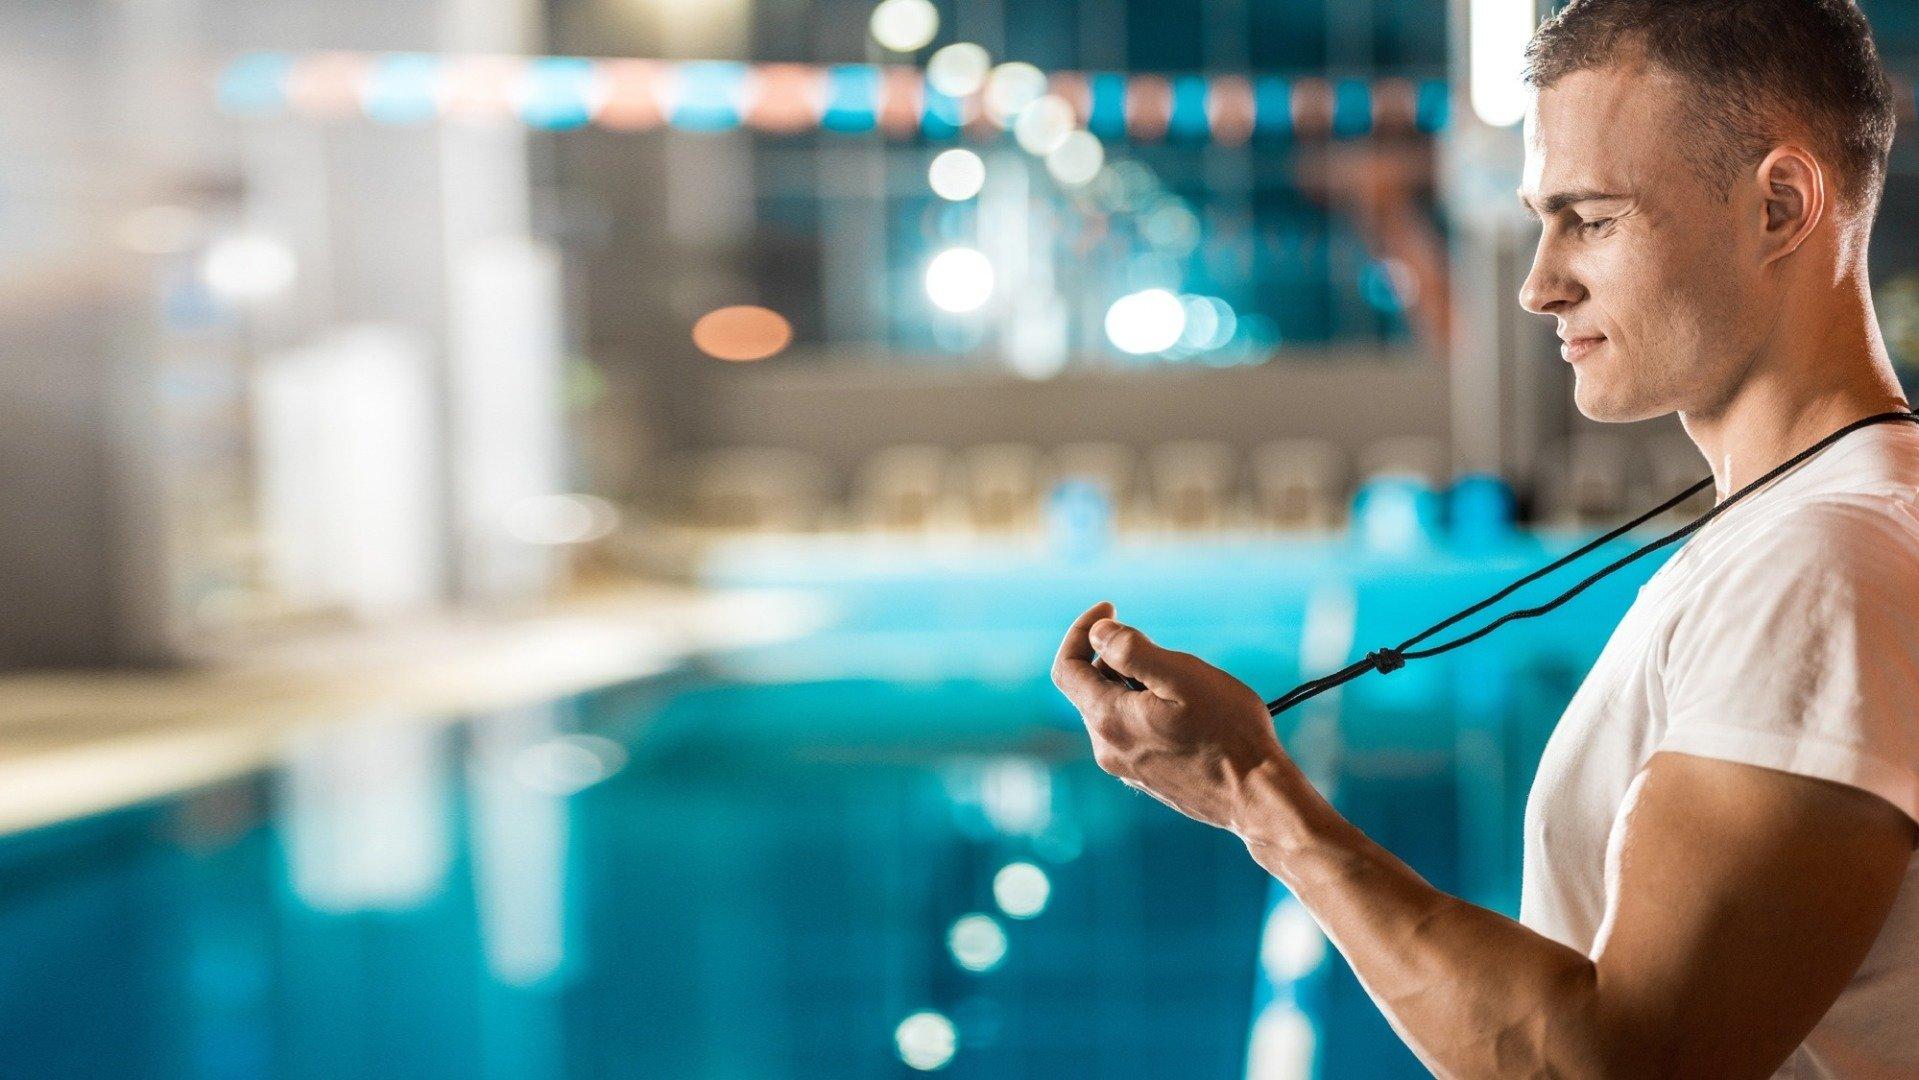 Как пловцам тренироваться вне бассейна: рекомендации, упражнения и советы от тренера